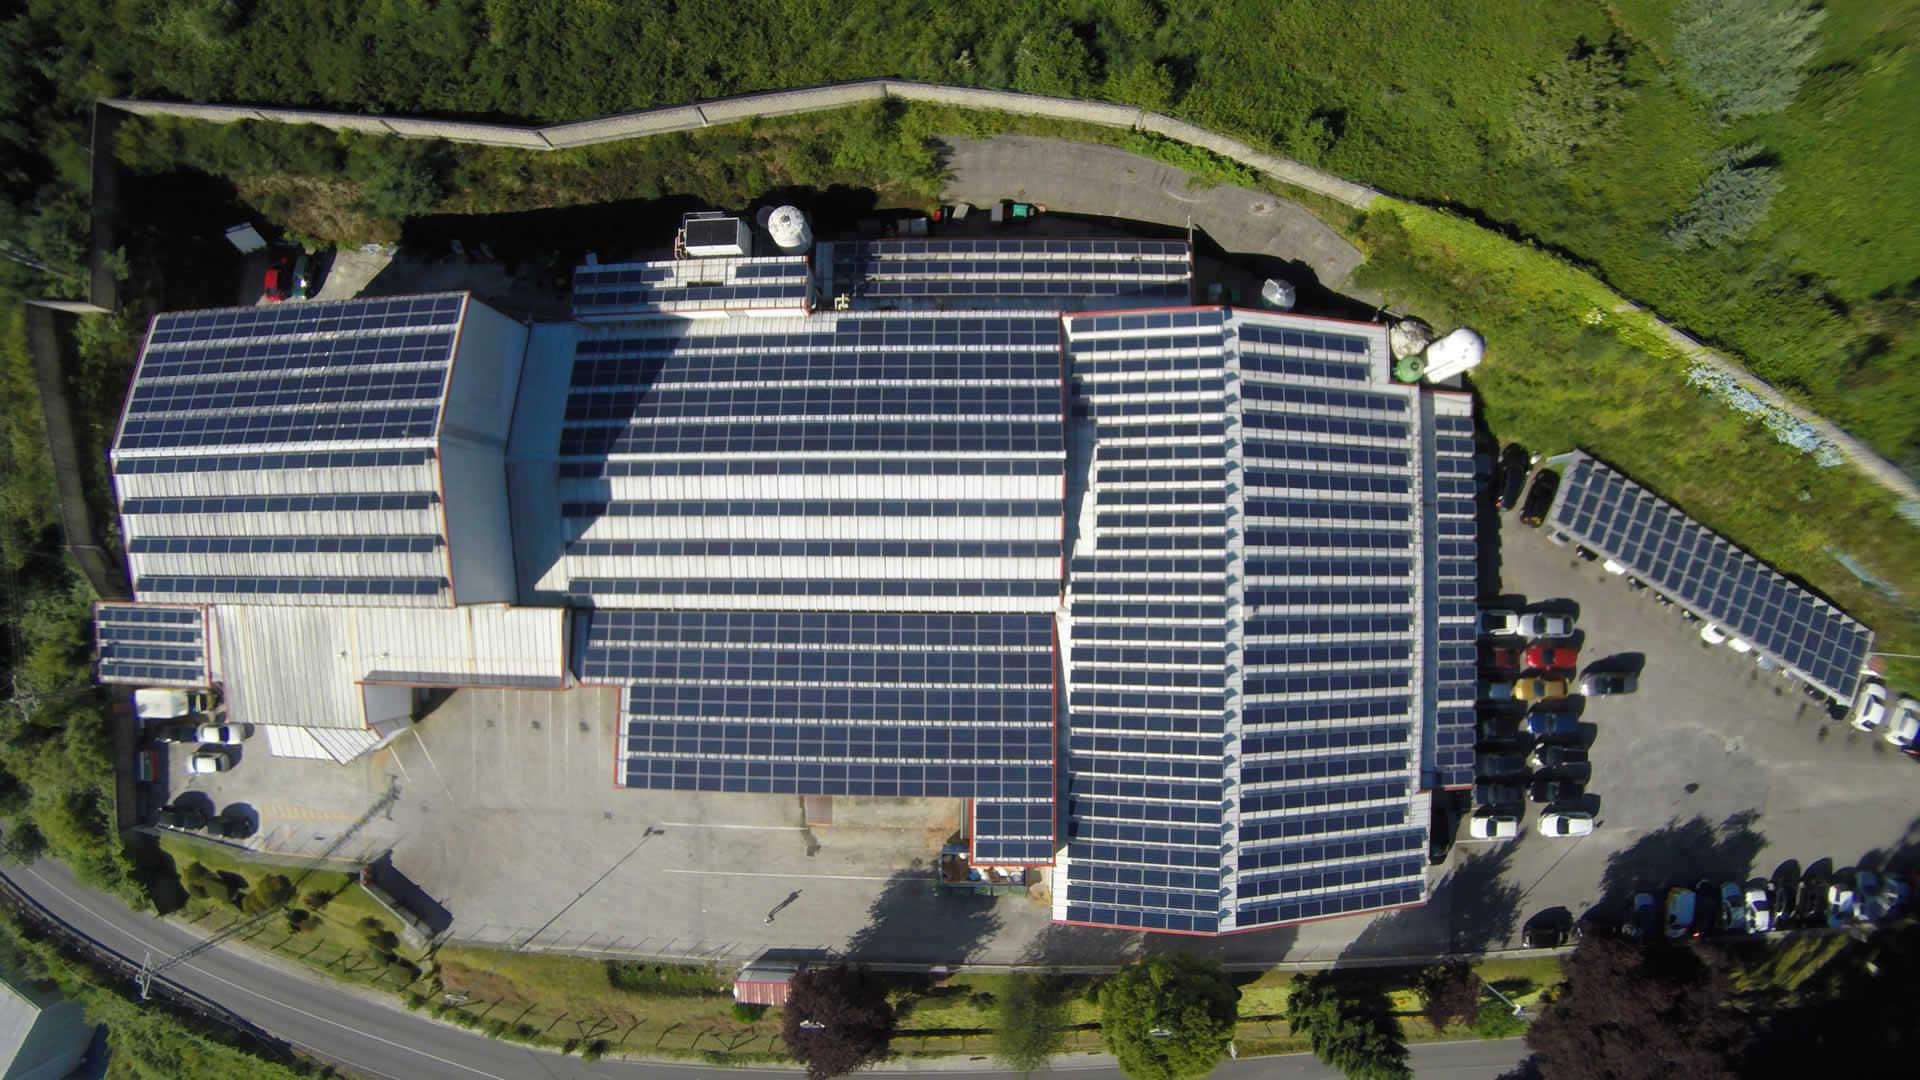 edf-solar-fotovoltaica-energia-avicola-lago-6